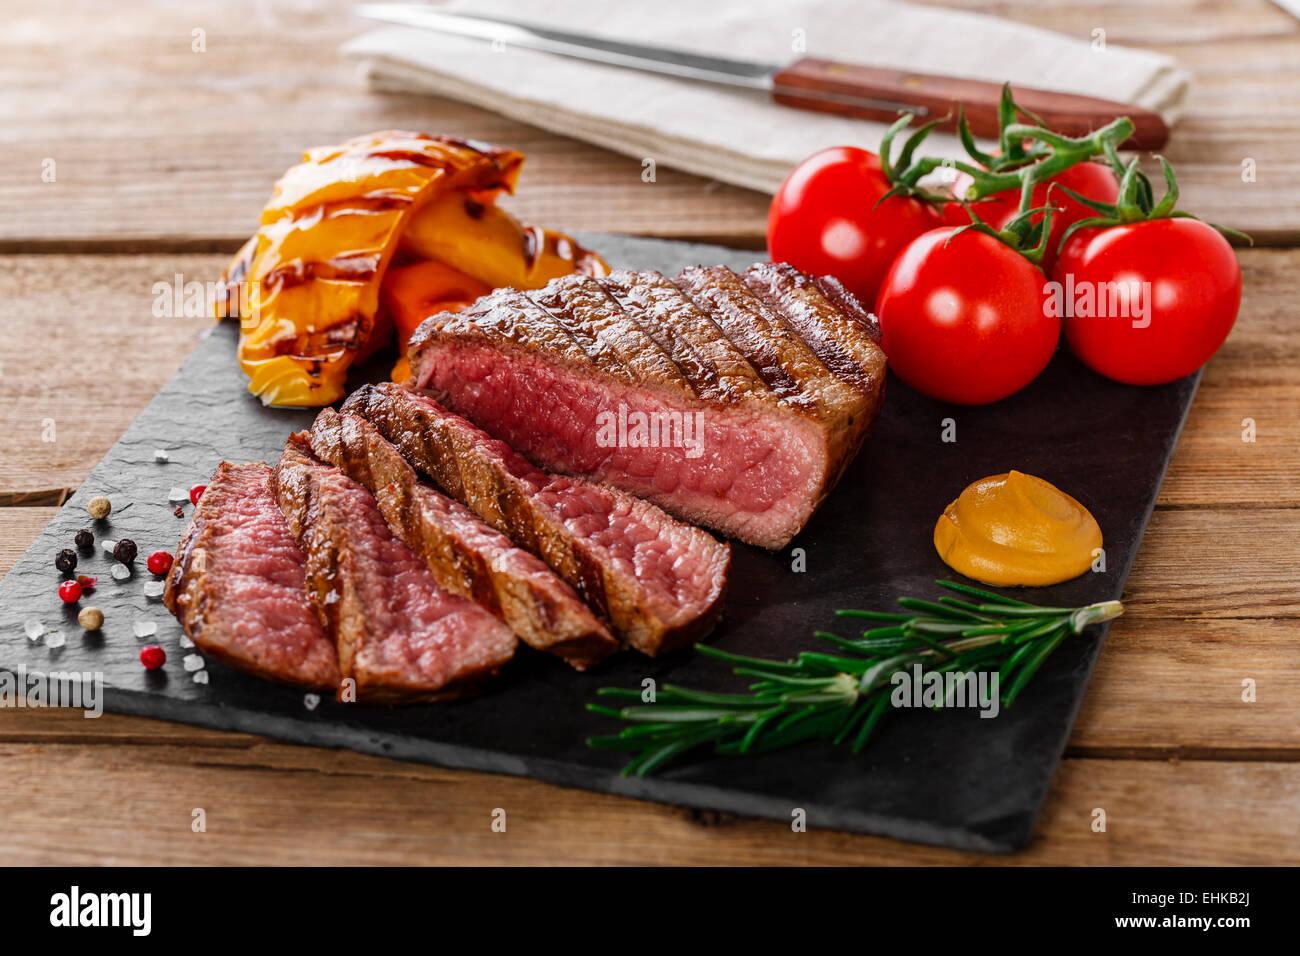 Pavé de boeuf grillé avec des légumes tranchés rare Photo Stock